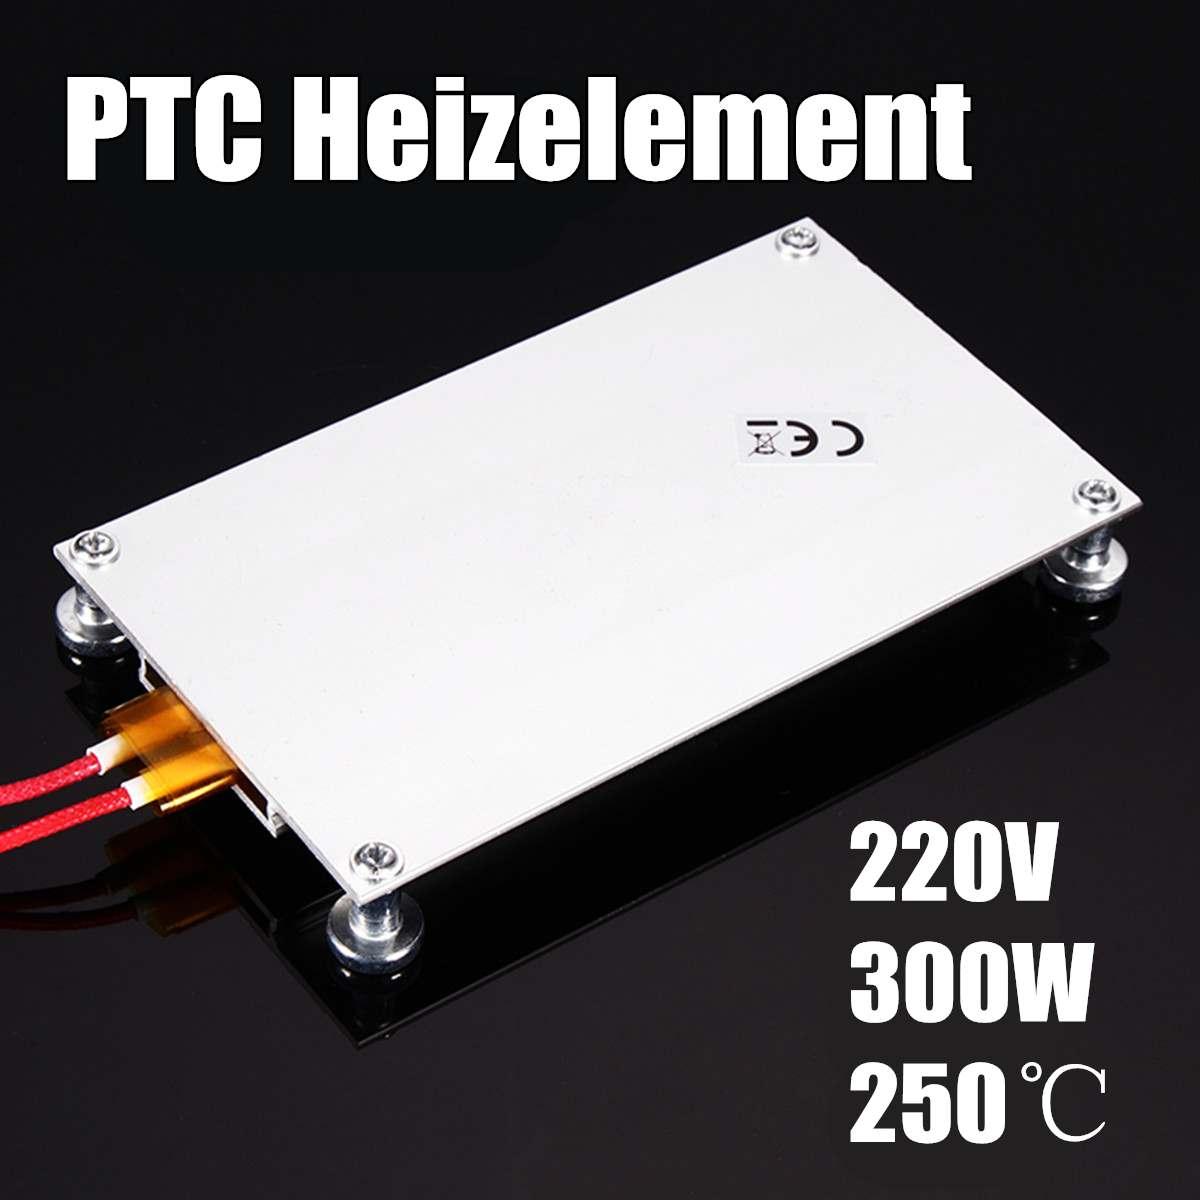 220V 300W LED מסיר PTC חימום הלחמה שבב ריתוך תחנת פיצול צלחת גיליון לוח ריתוך ציוד כלים הלחמה